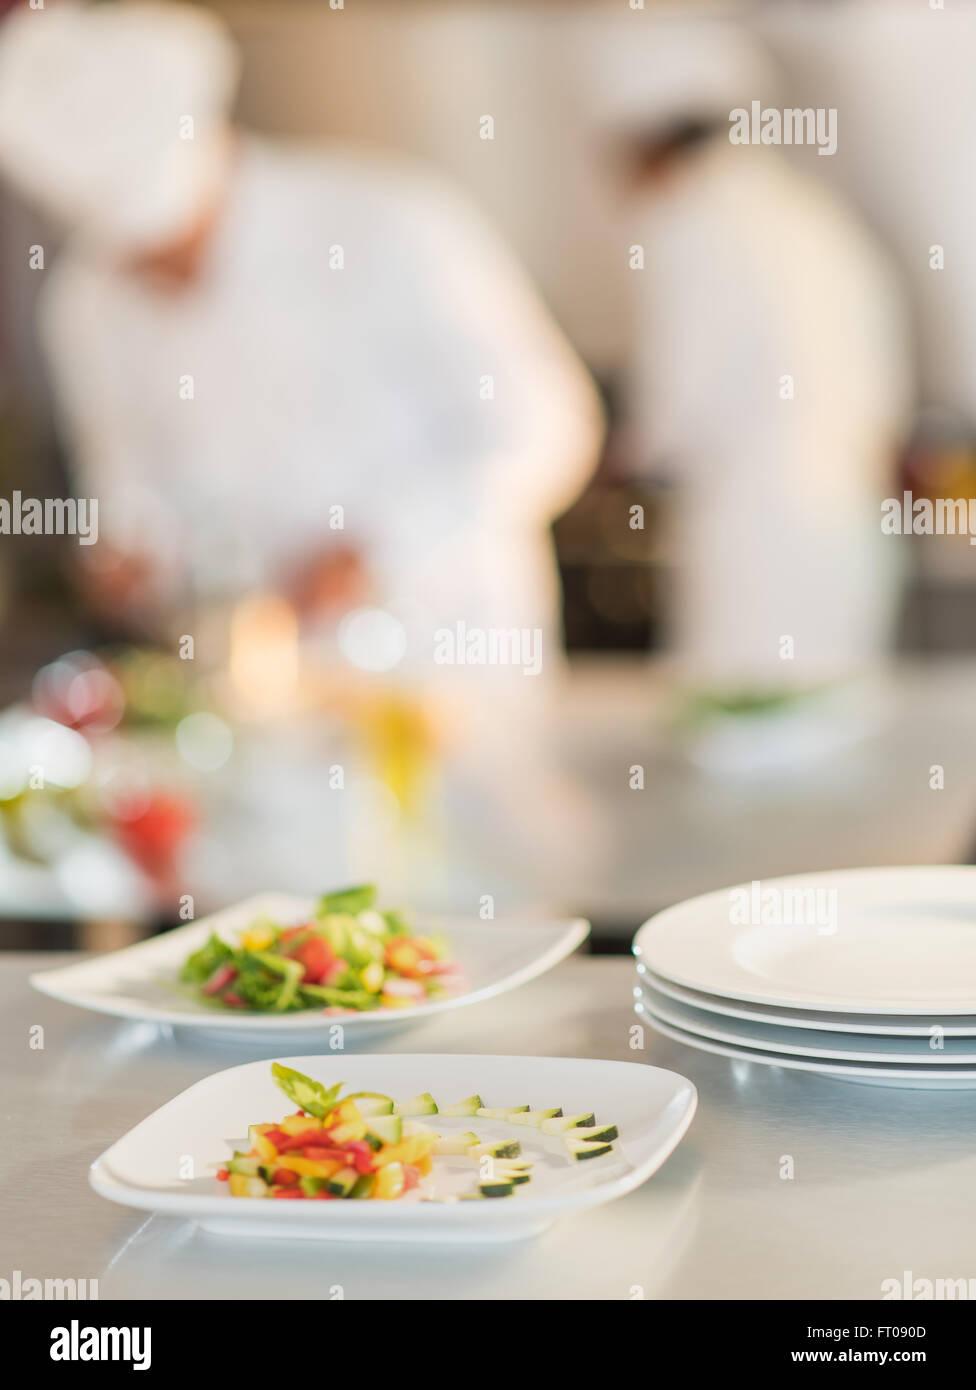 Nahaufnahme Der Platten Der Bunten Schneiden Sie Gemüse Für Ein